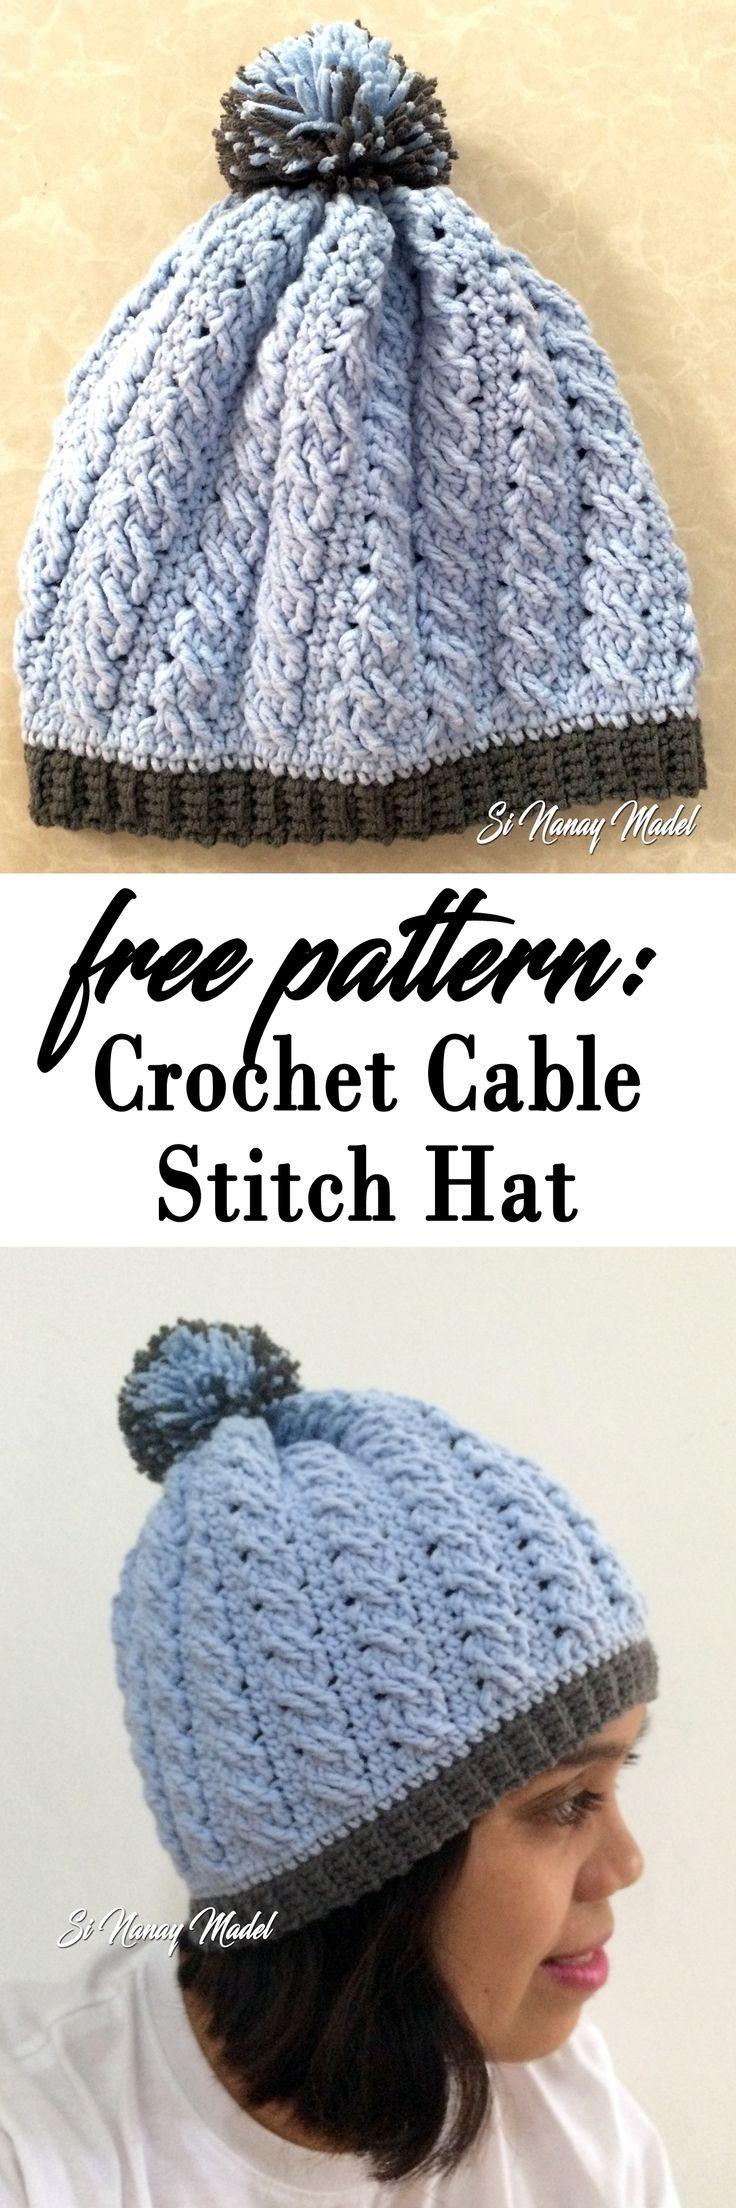 509 best crochet - hats + ear warmers images on pinterest